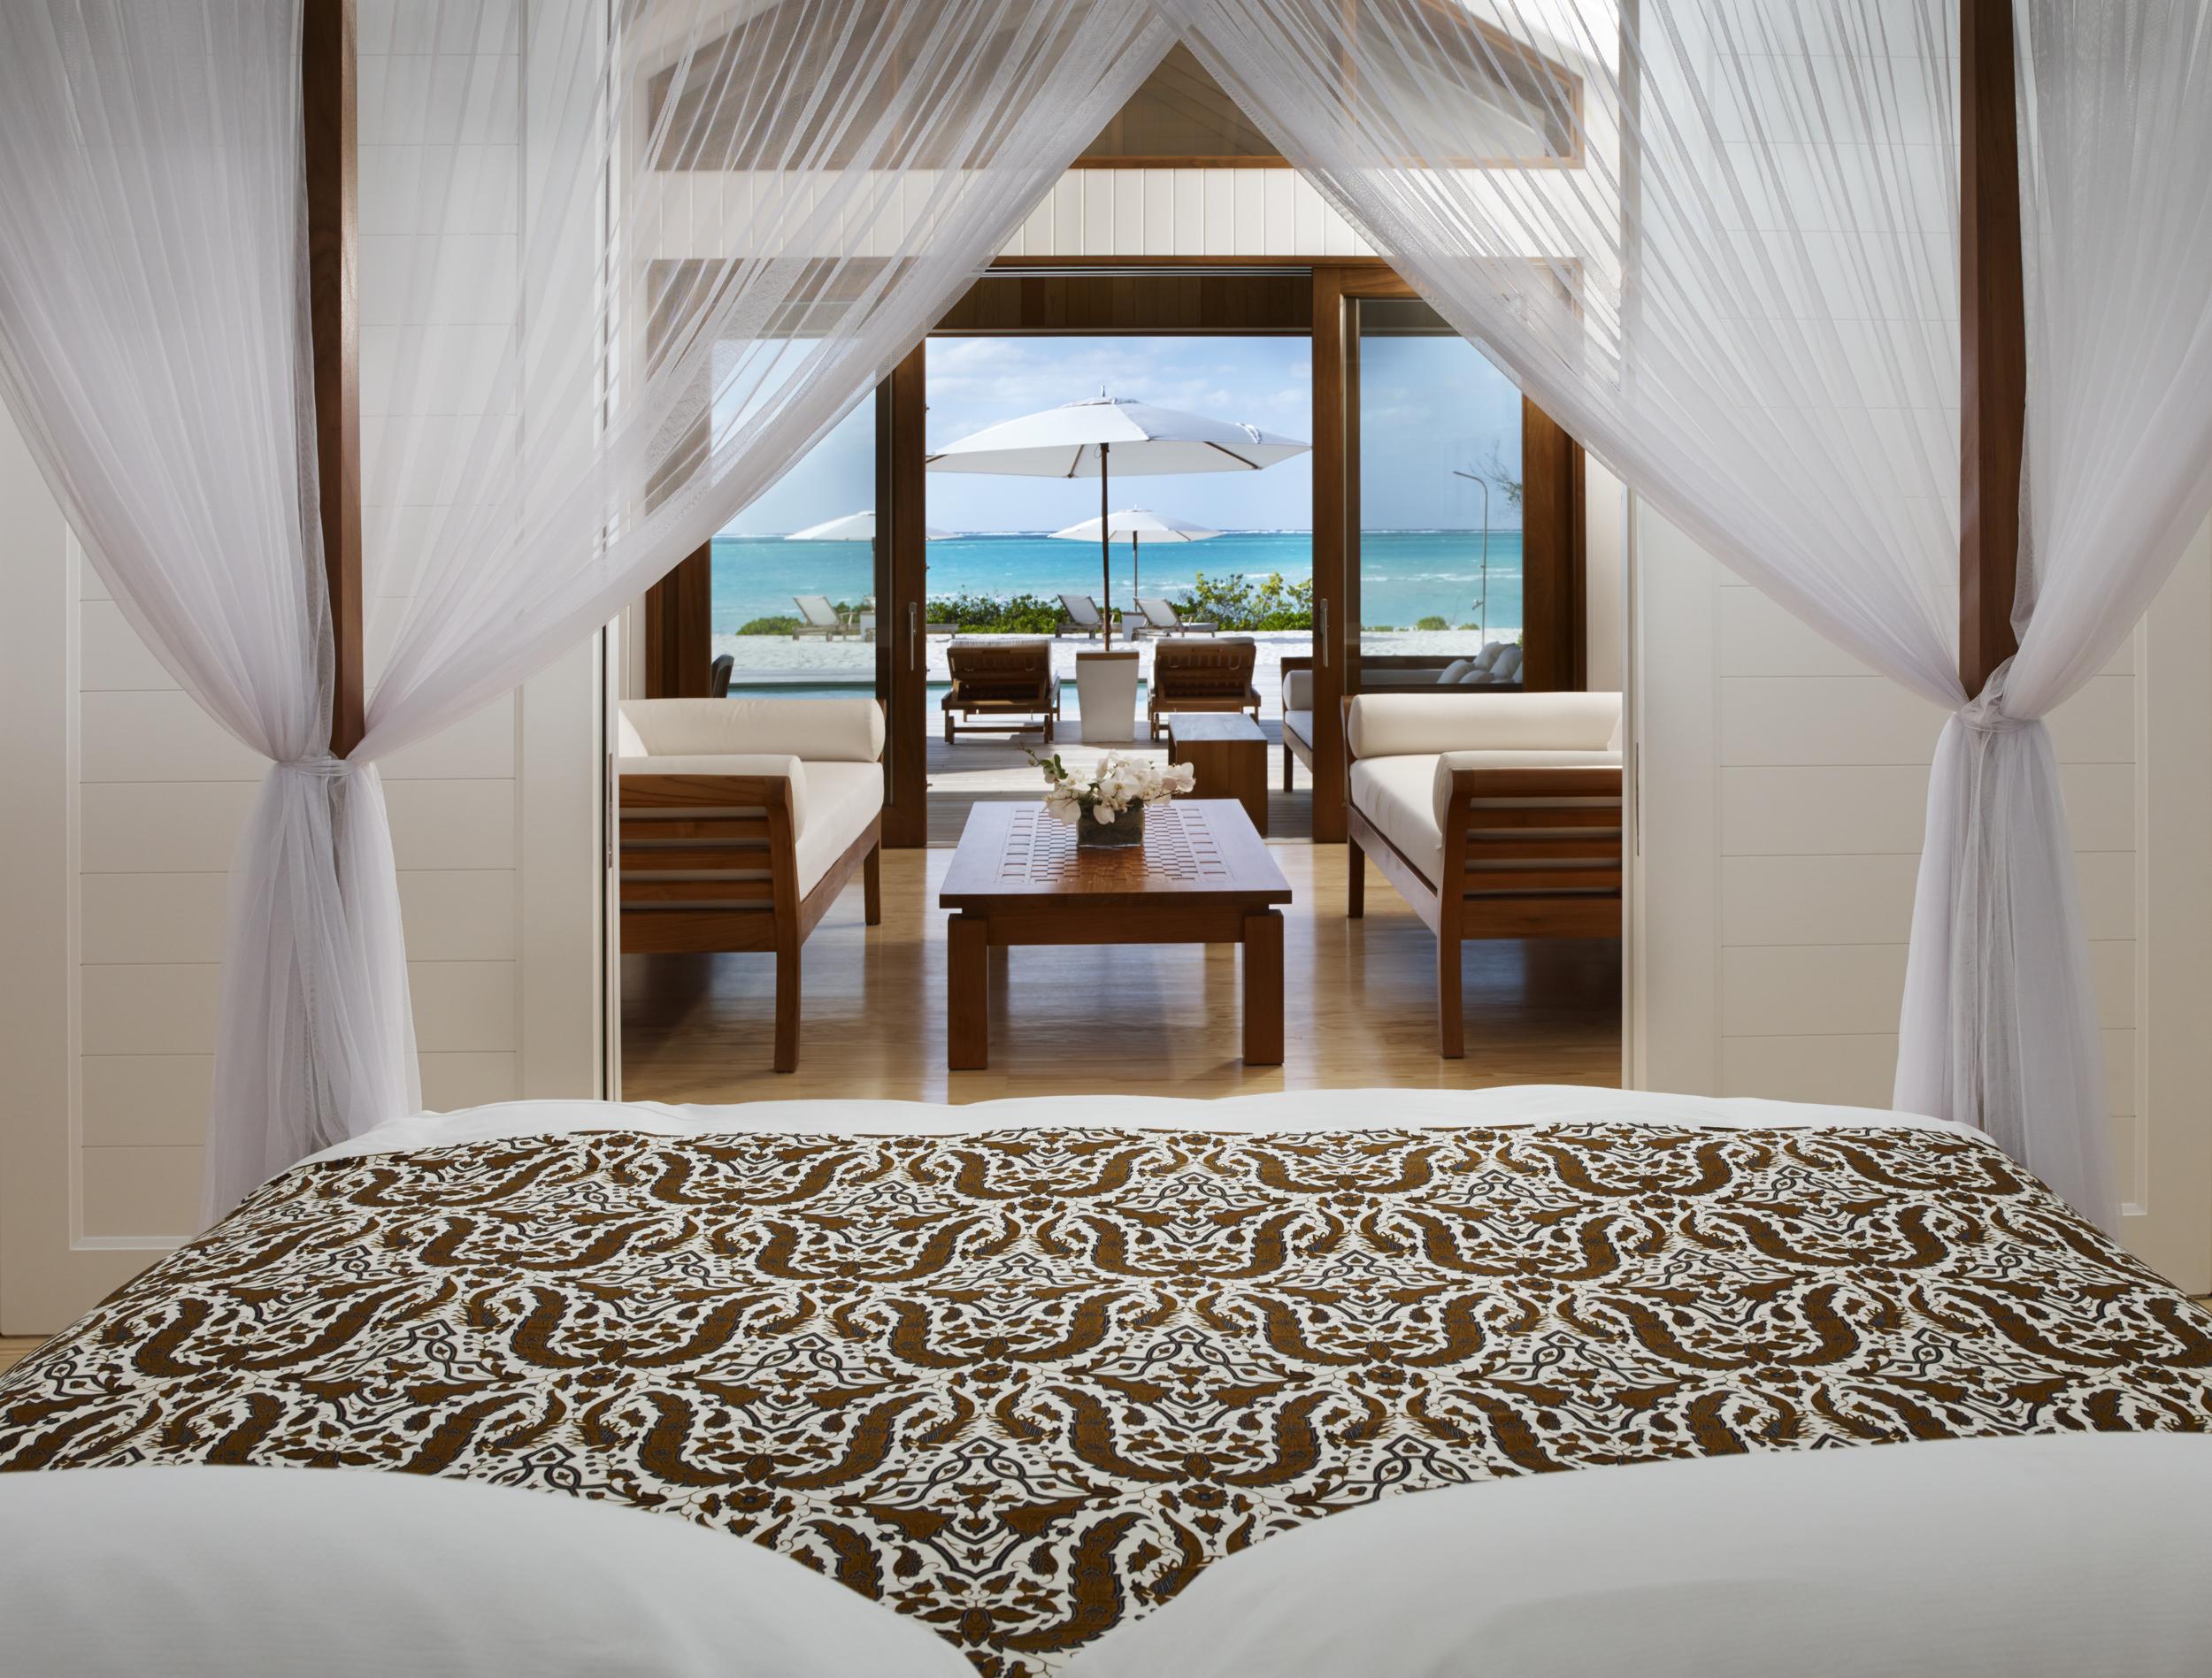 Hi_055026_52159391_Two_Bedroom_Beach_House_Bedroom_2.jpg